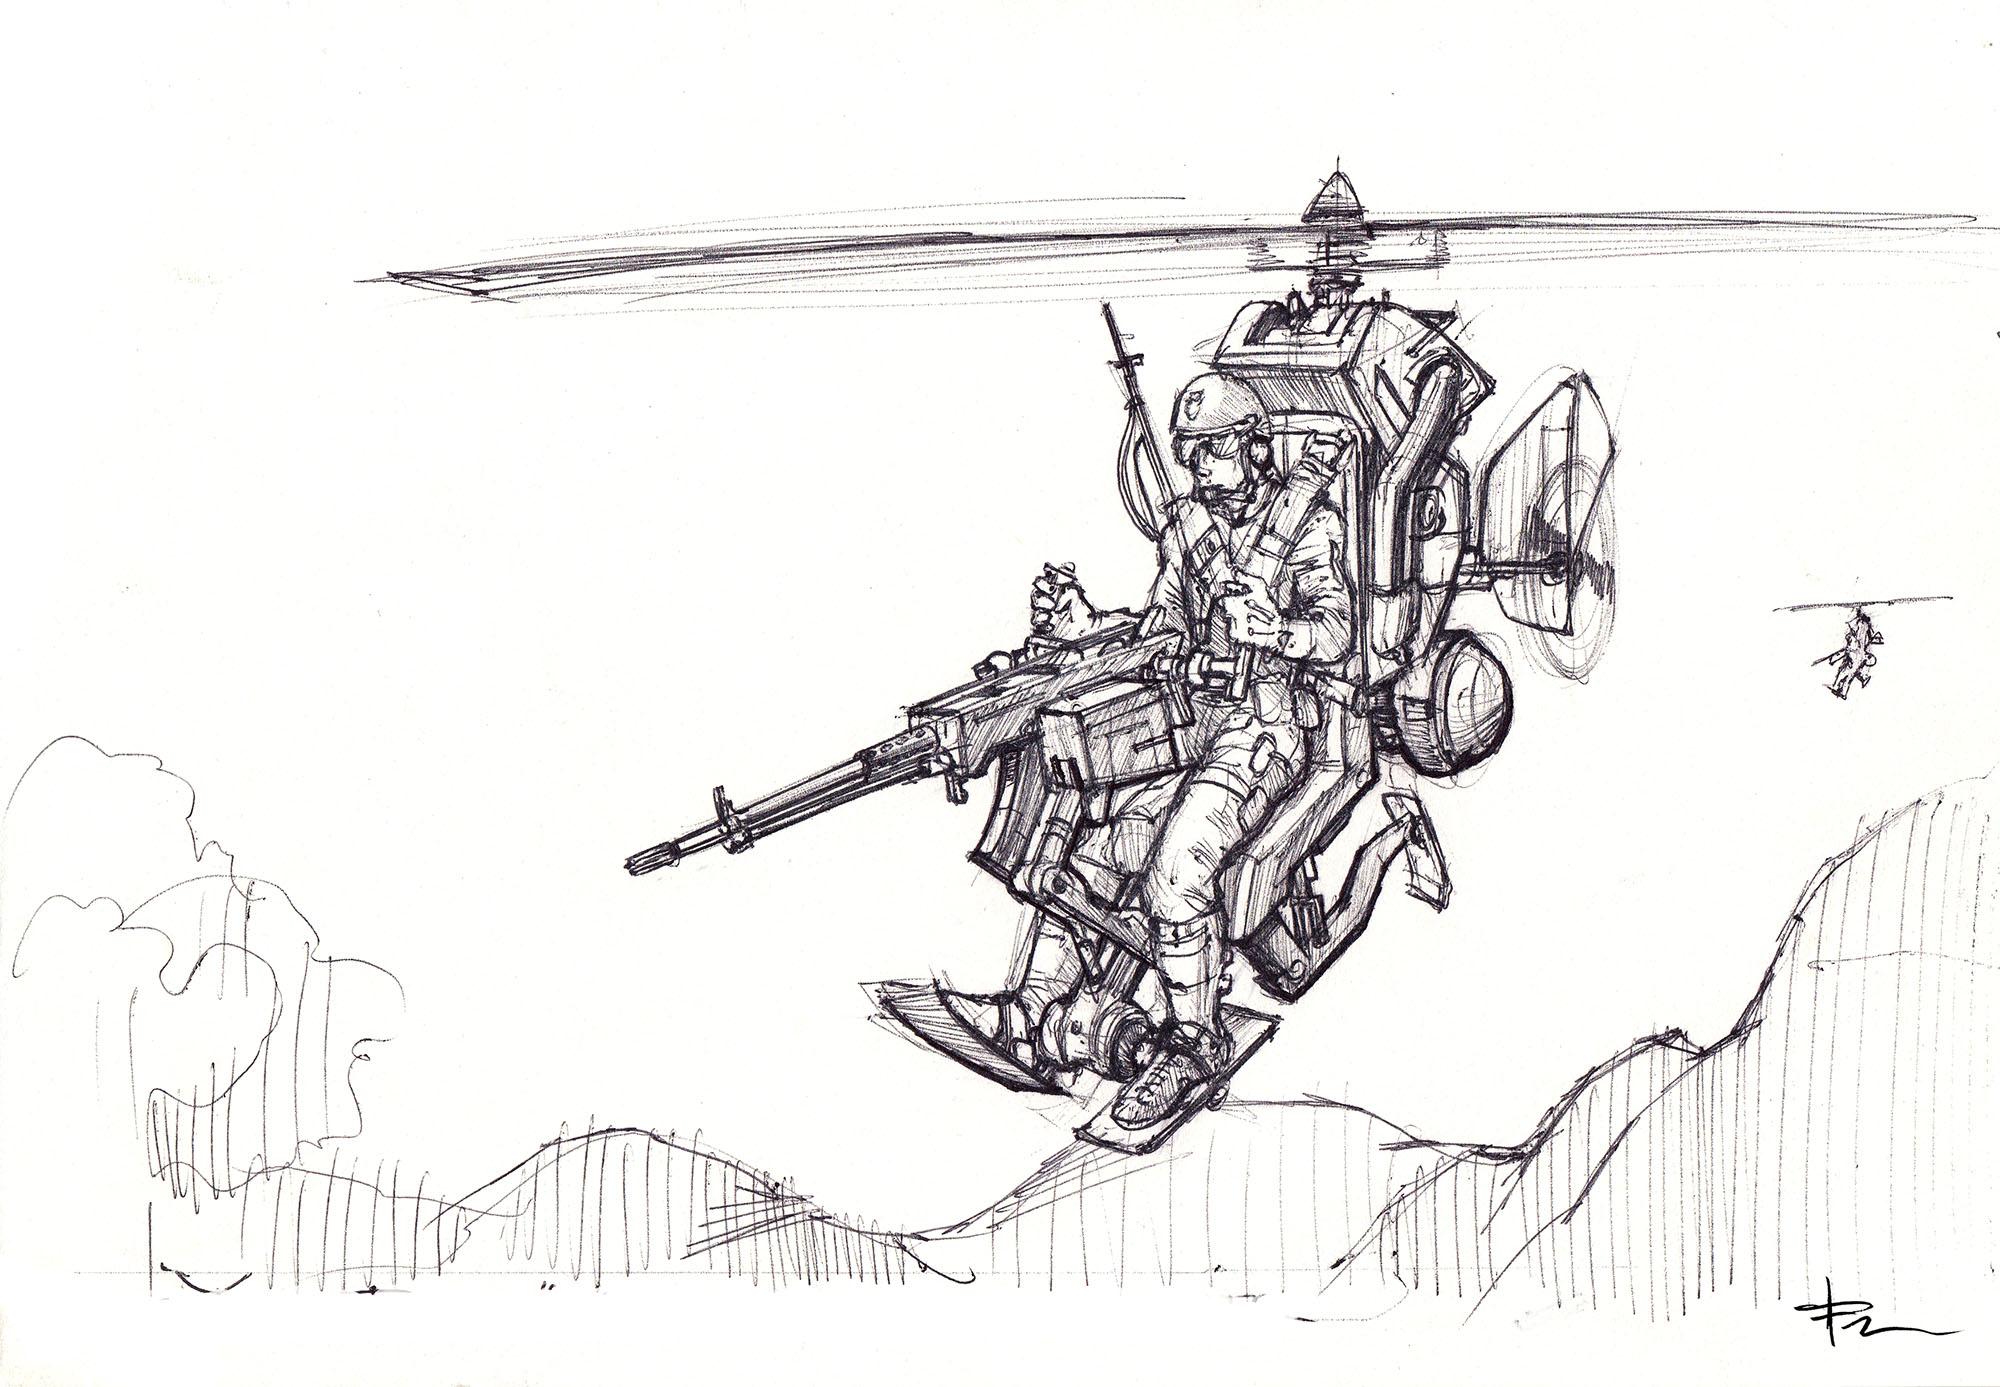 TJFRAME-ART_REDALERT2_gyroCopter.jpg